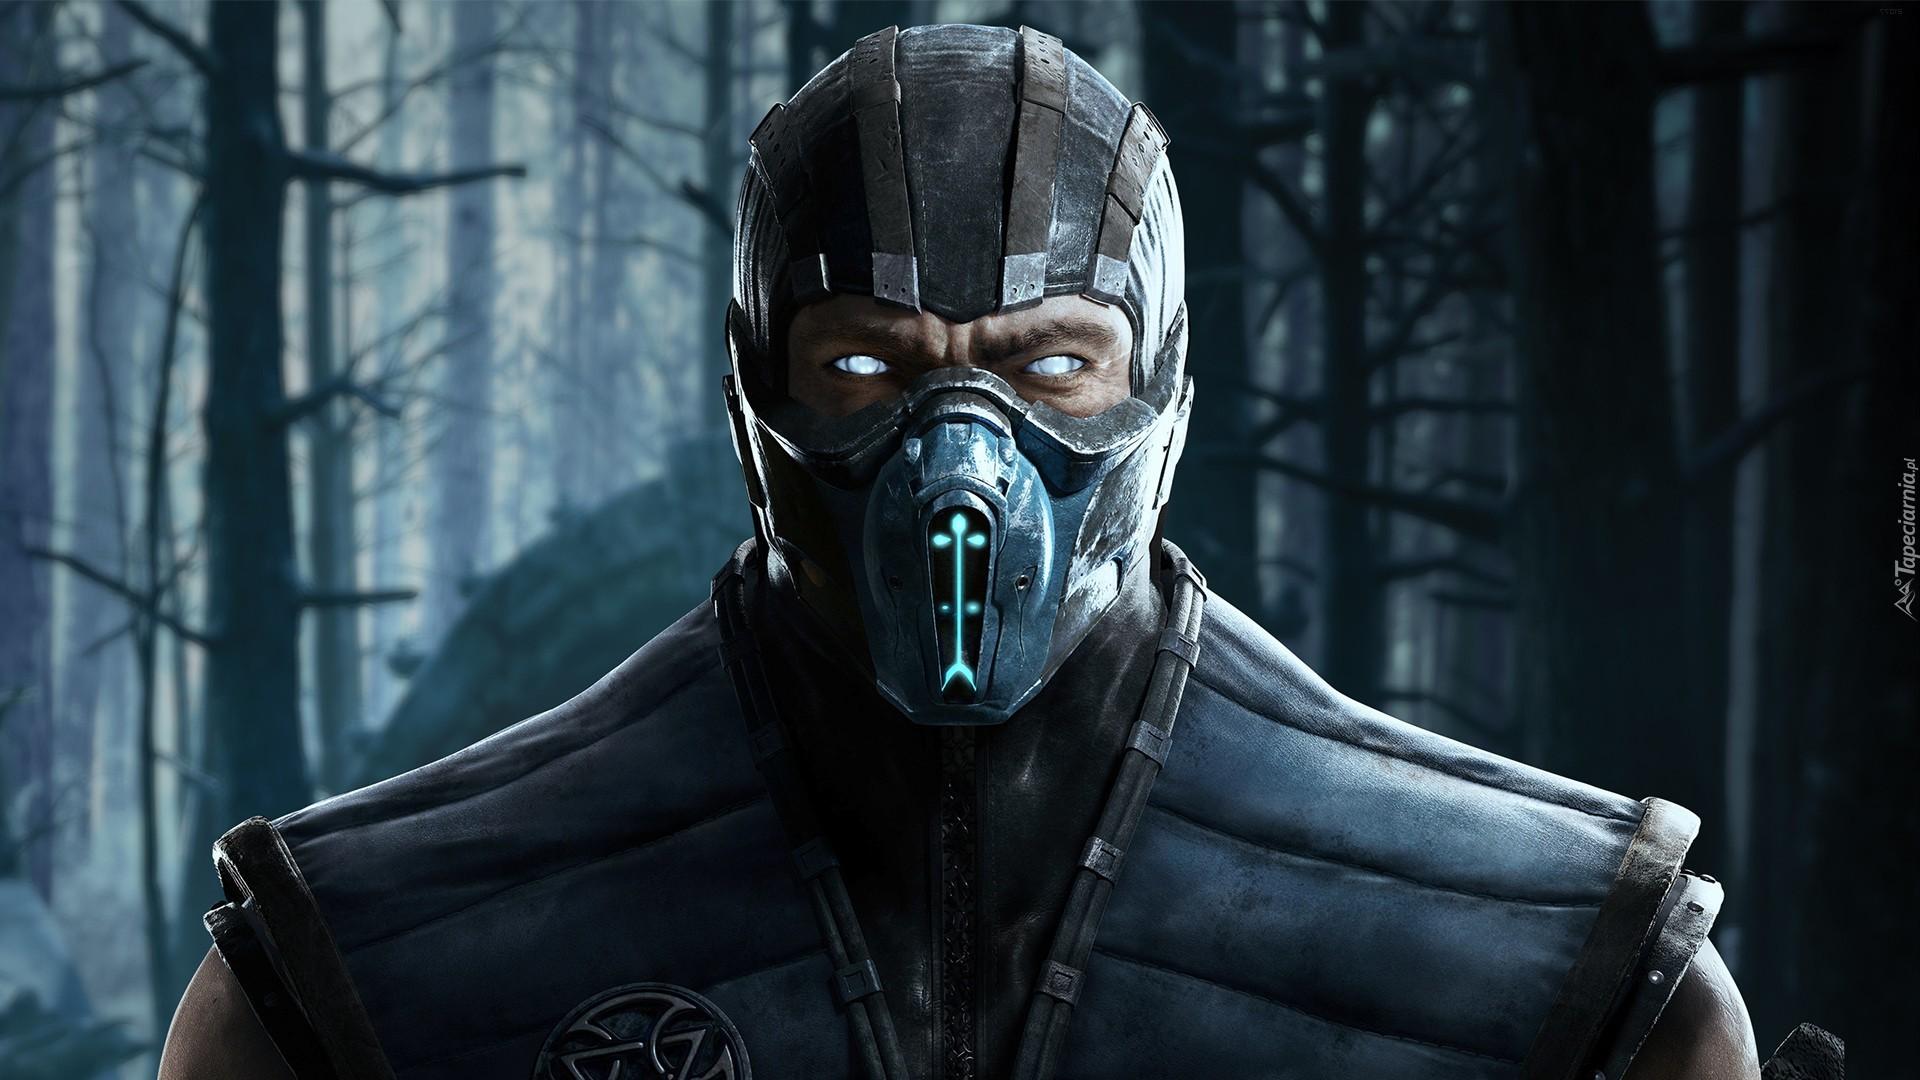 Wiadomo, kto wcieli się w Sub-Zero w Mortal Kombat